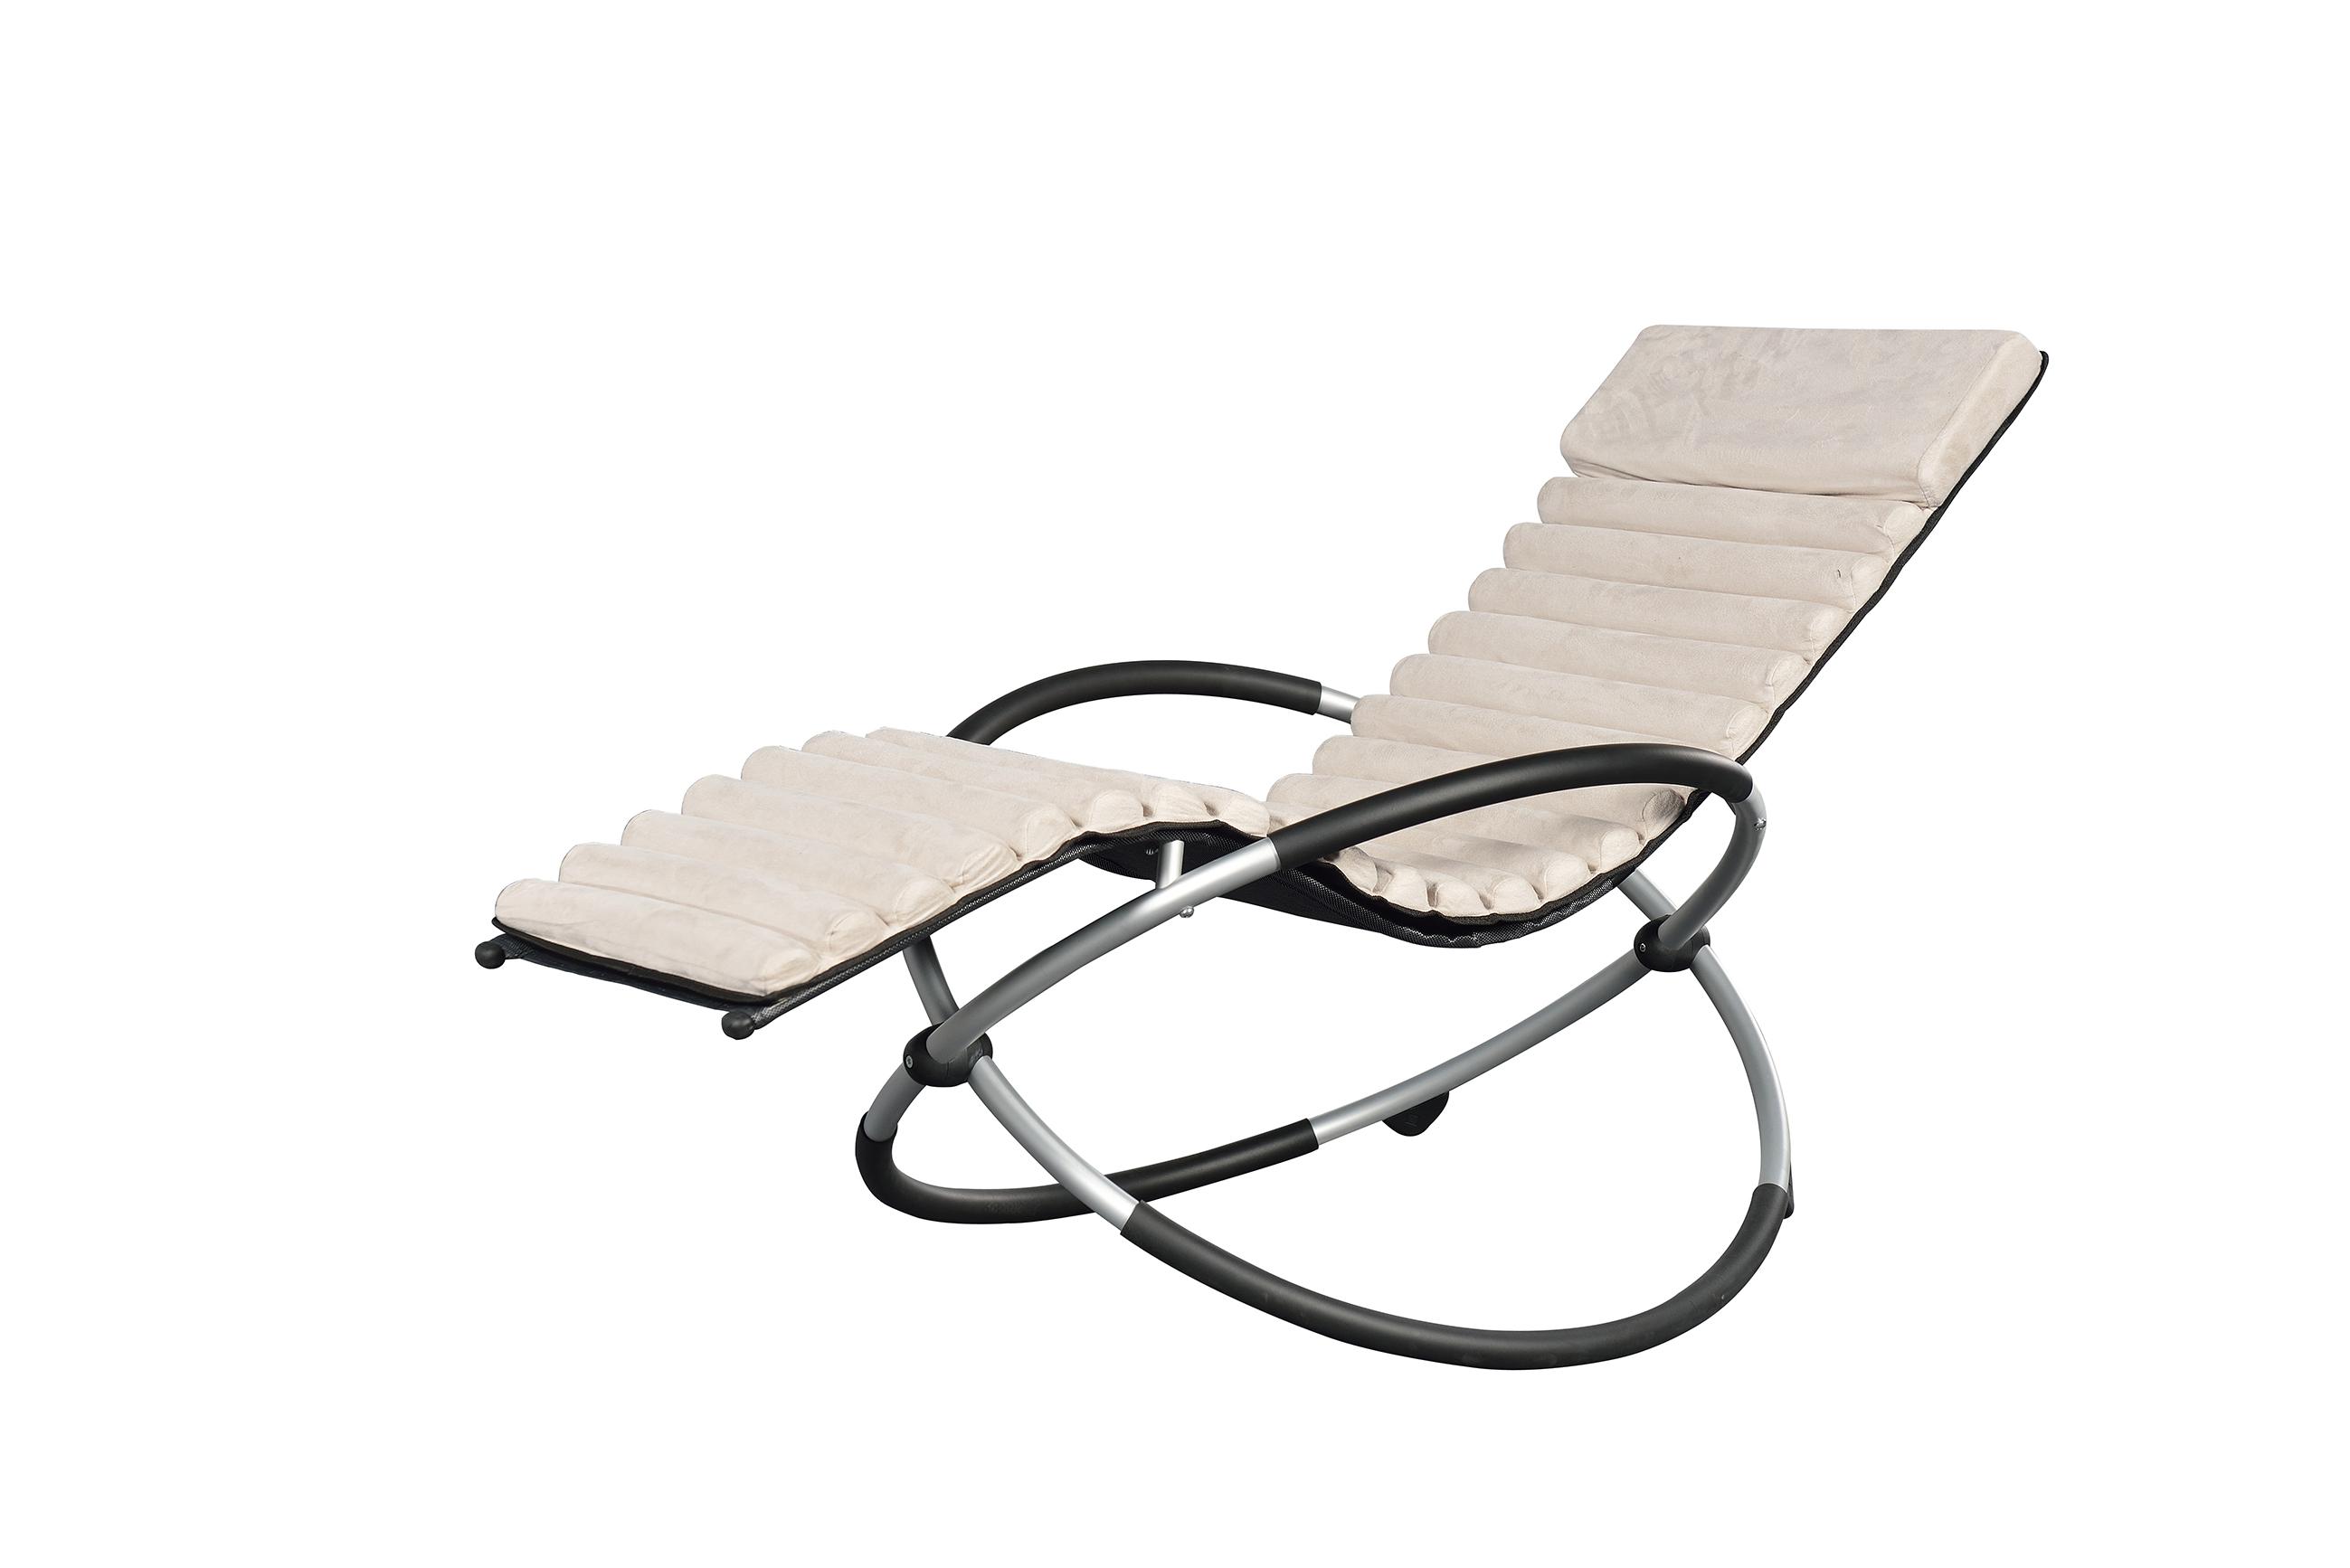 matelas sable pour chaise longue relax ellipse. Black Bedroom Furniture Sets. Home Design Ideas